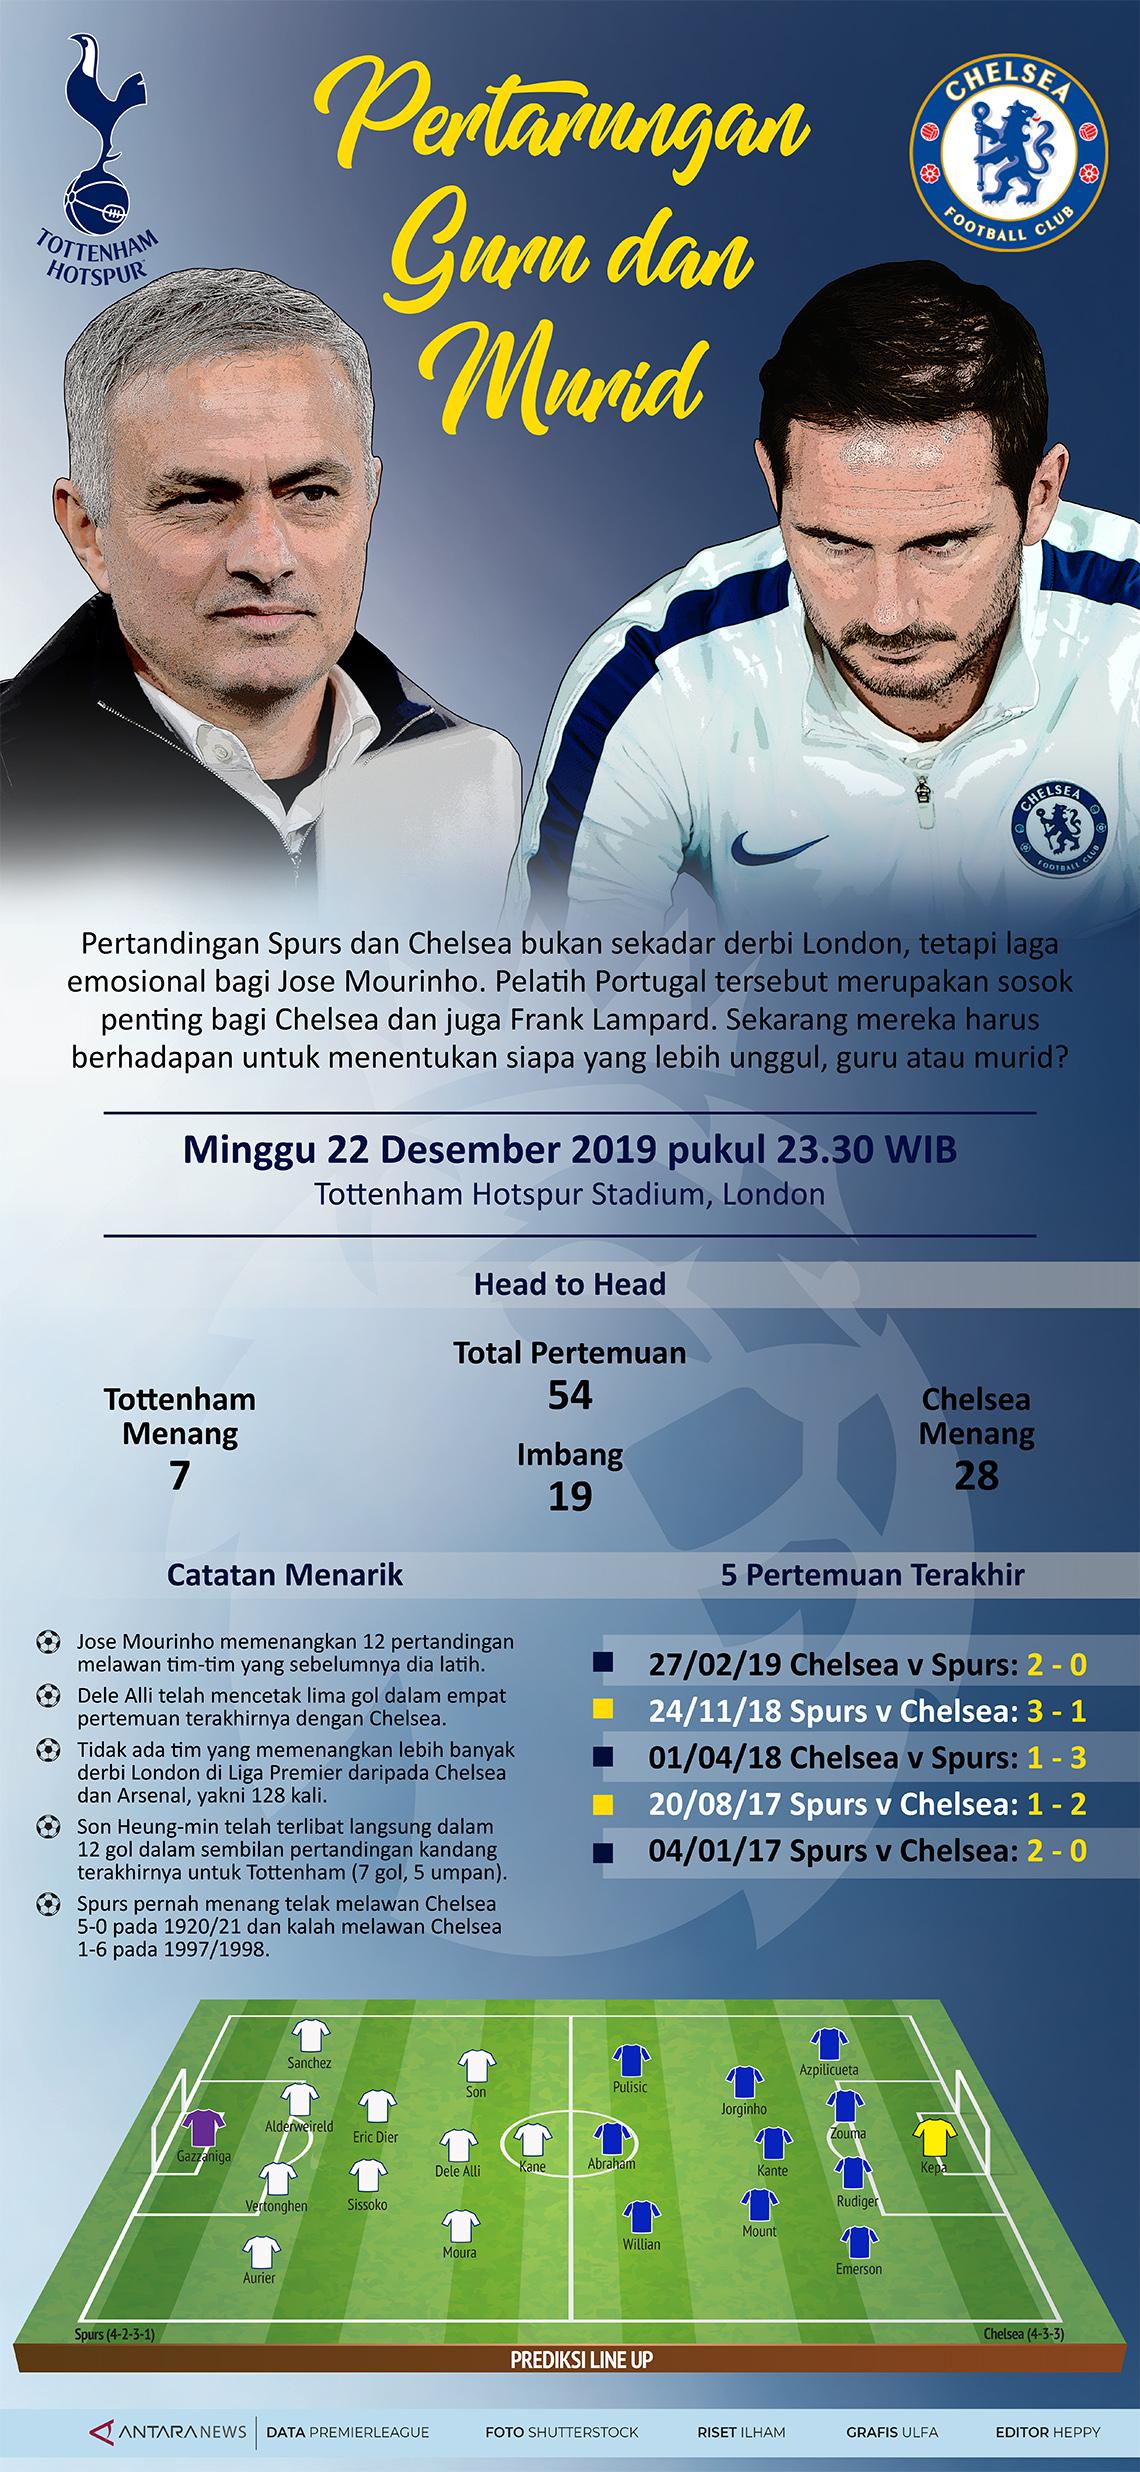 Spurs vs Chelsea, pertarungan guru dan murid